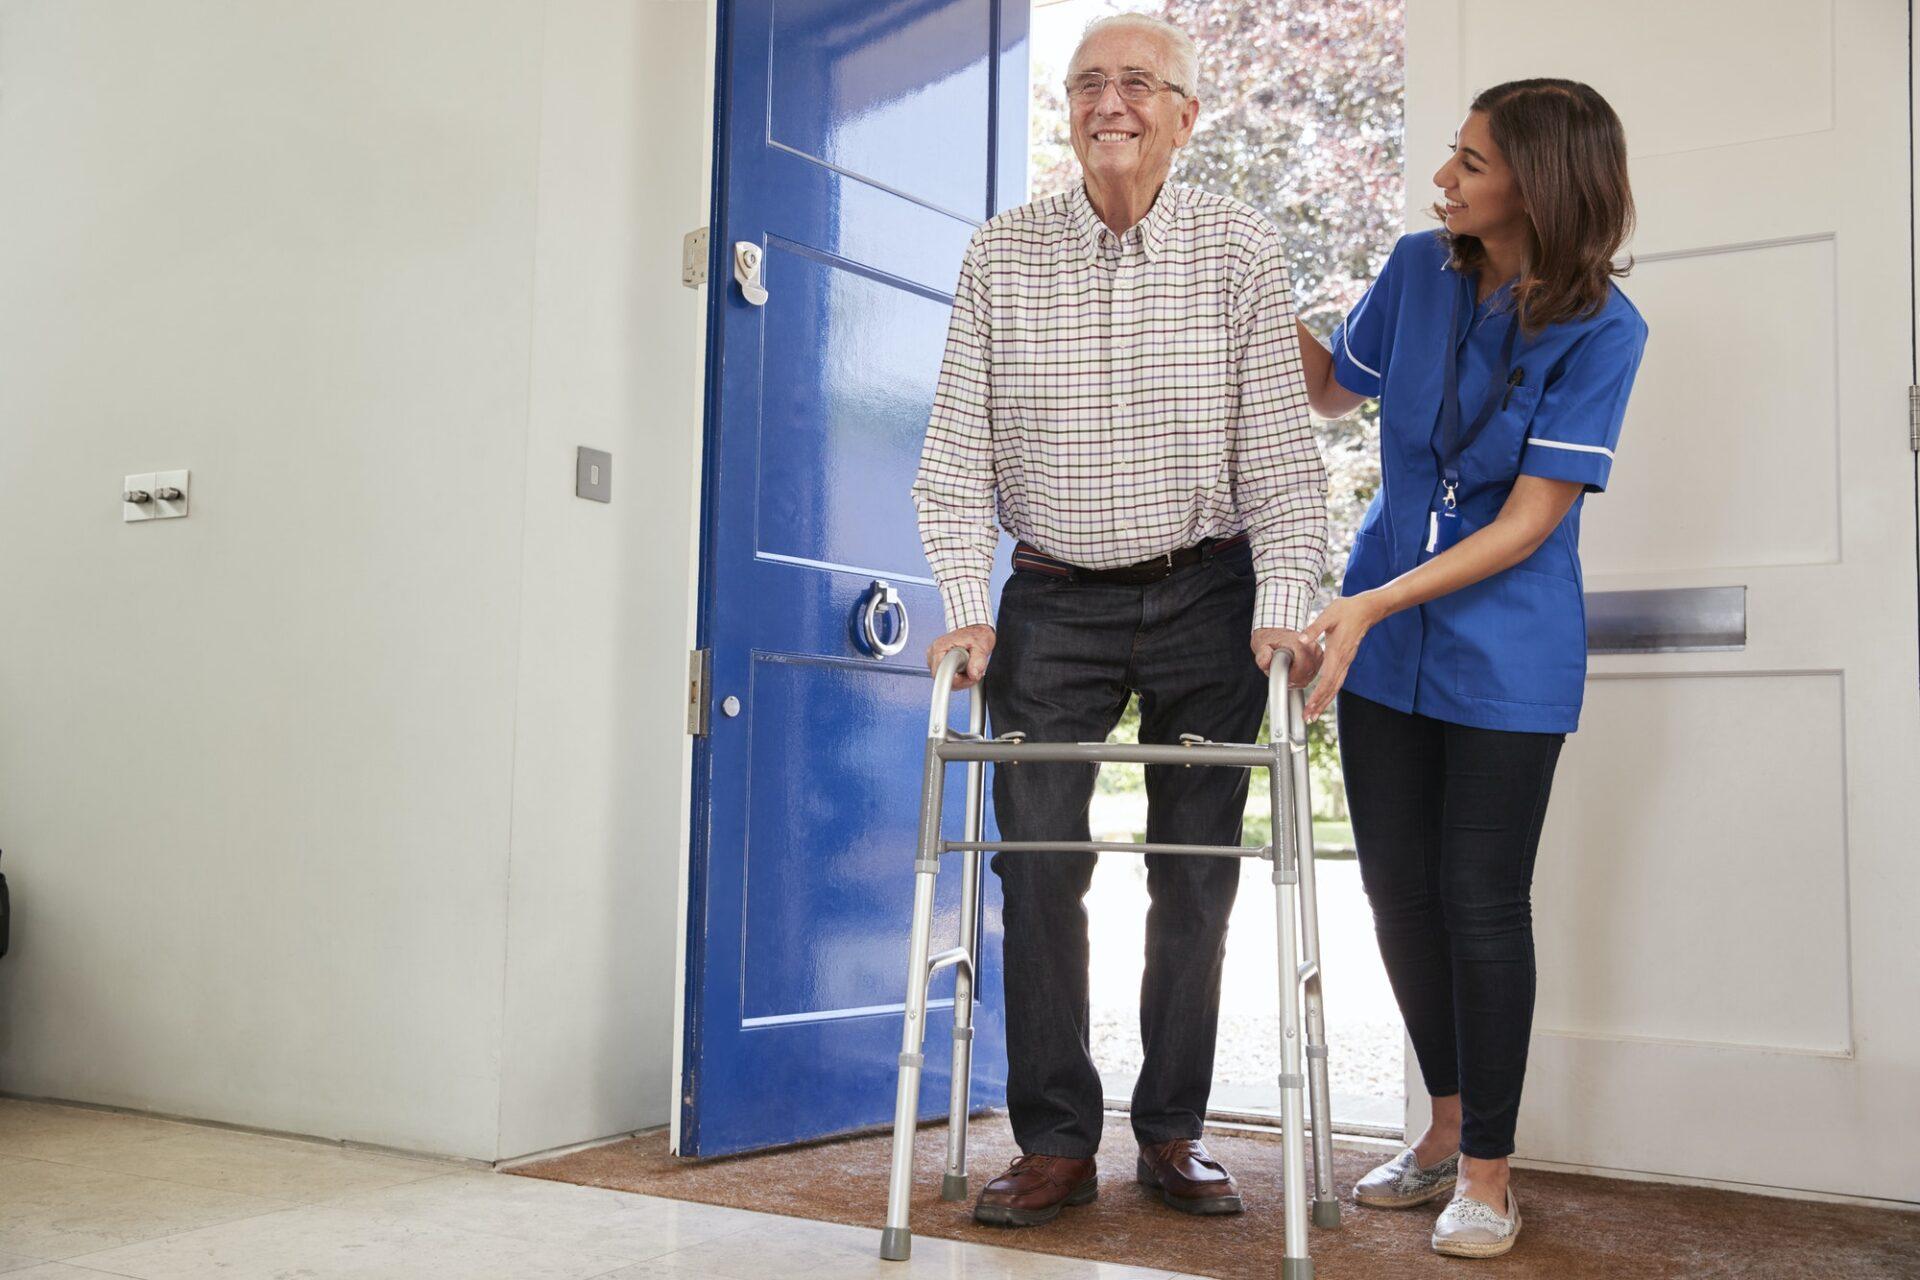 Nurse helping senior man using a walking frame at home